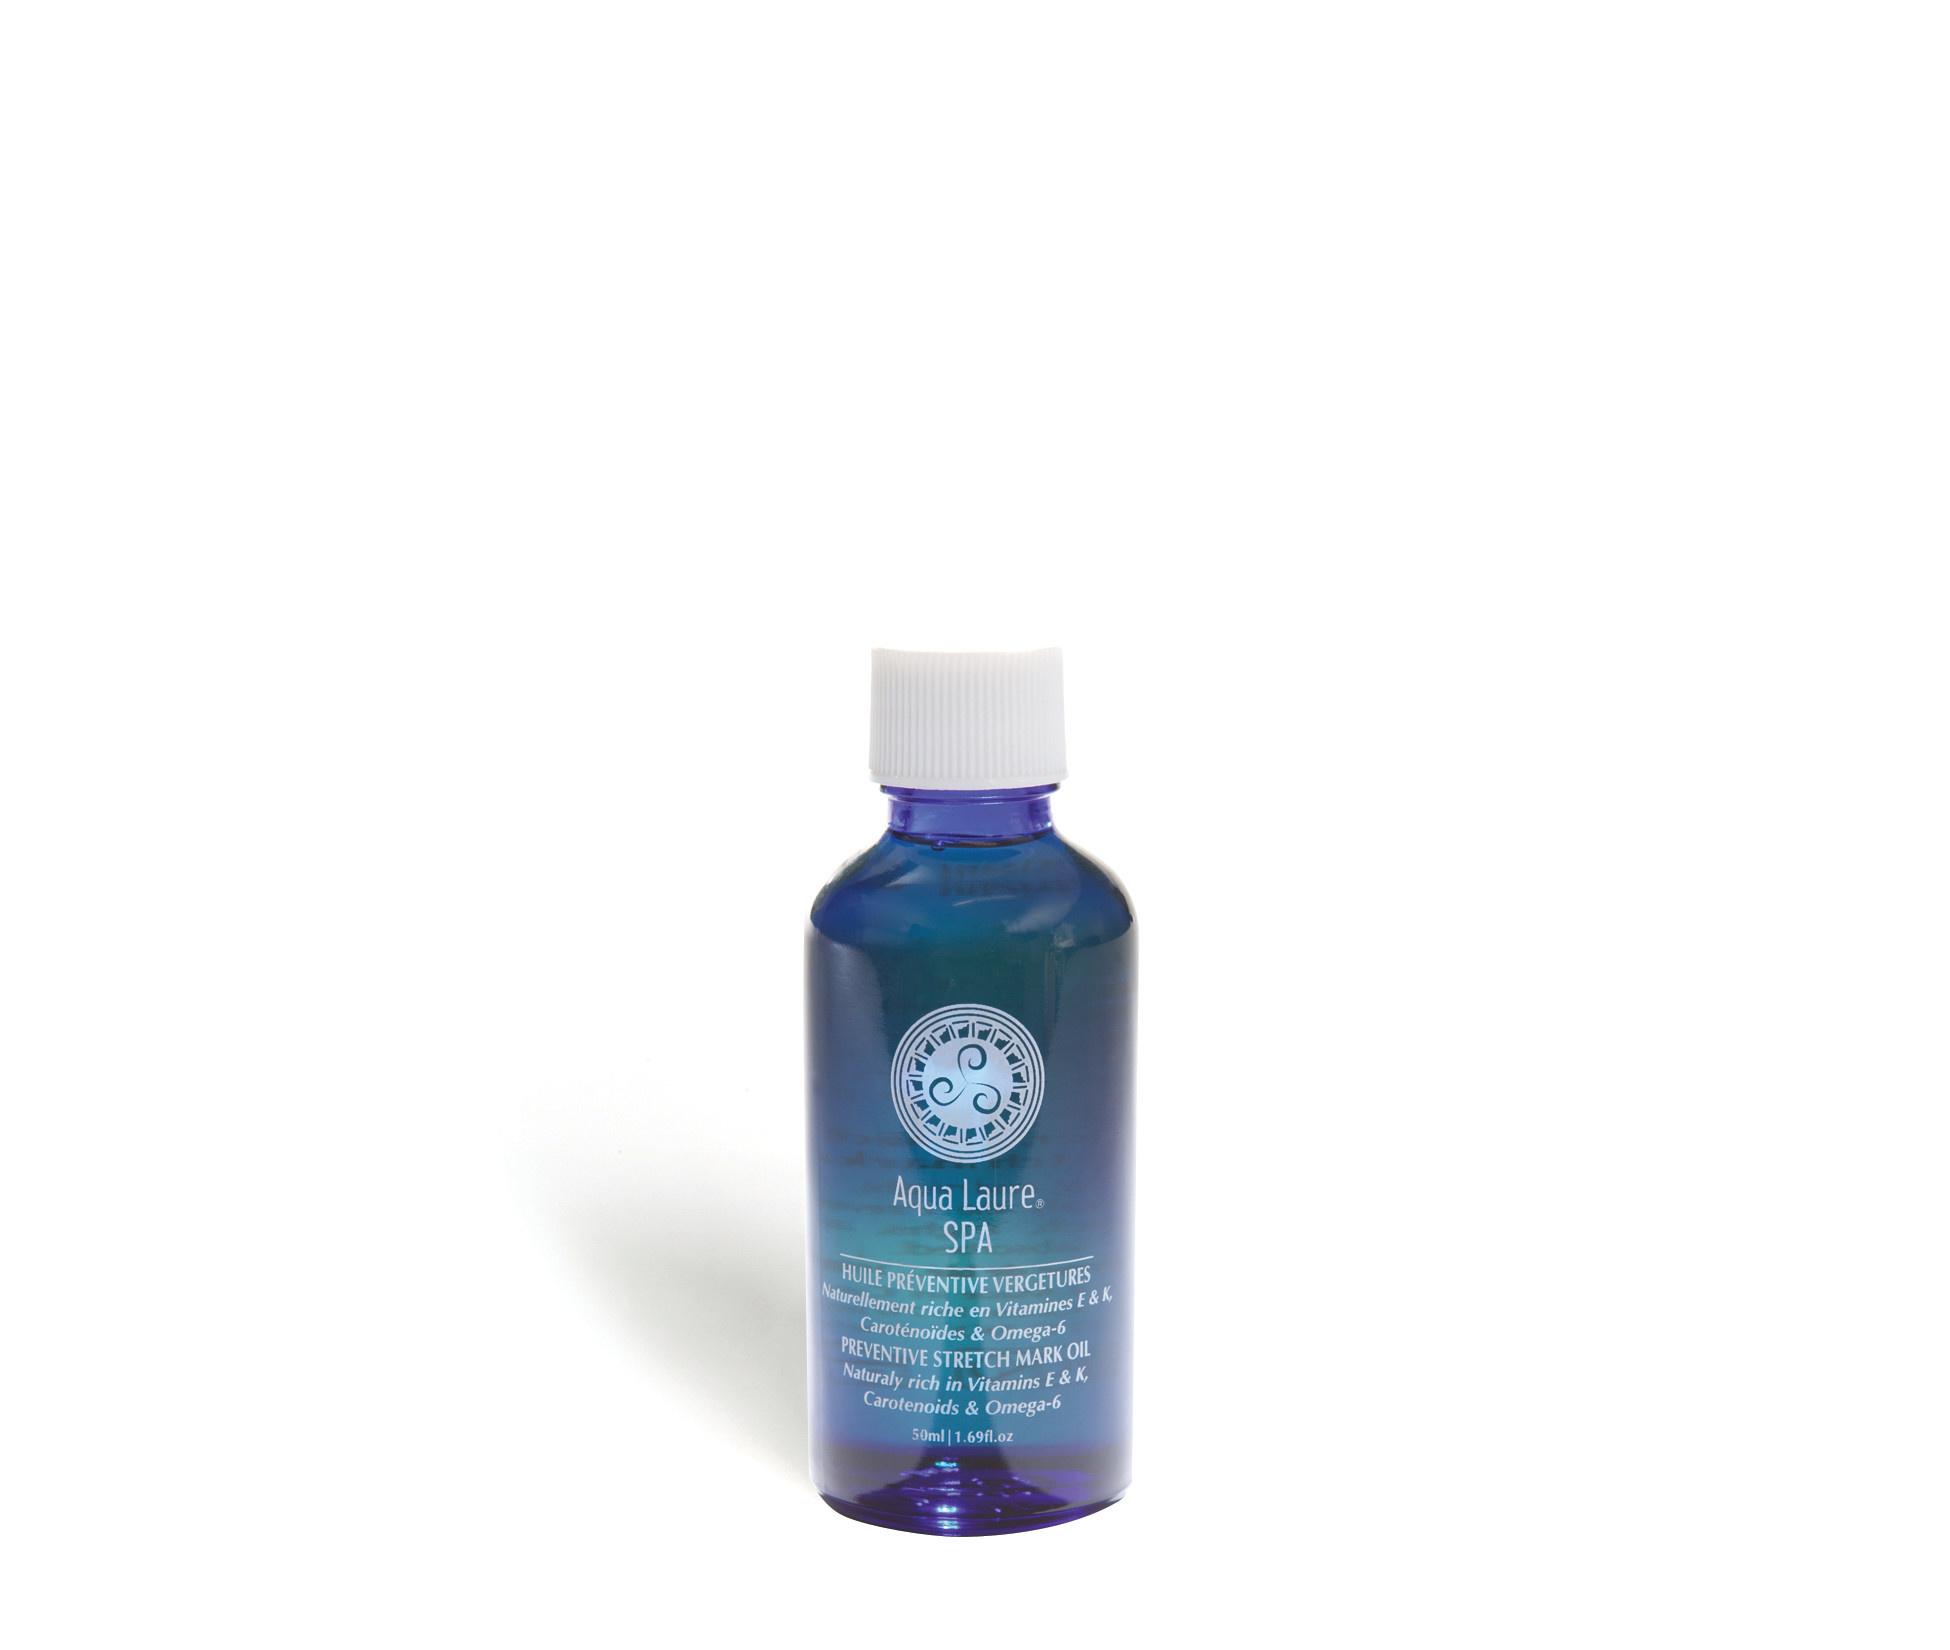 AquaLaure AQUA LAURE Huile Préventive Vergetures (50ml)